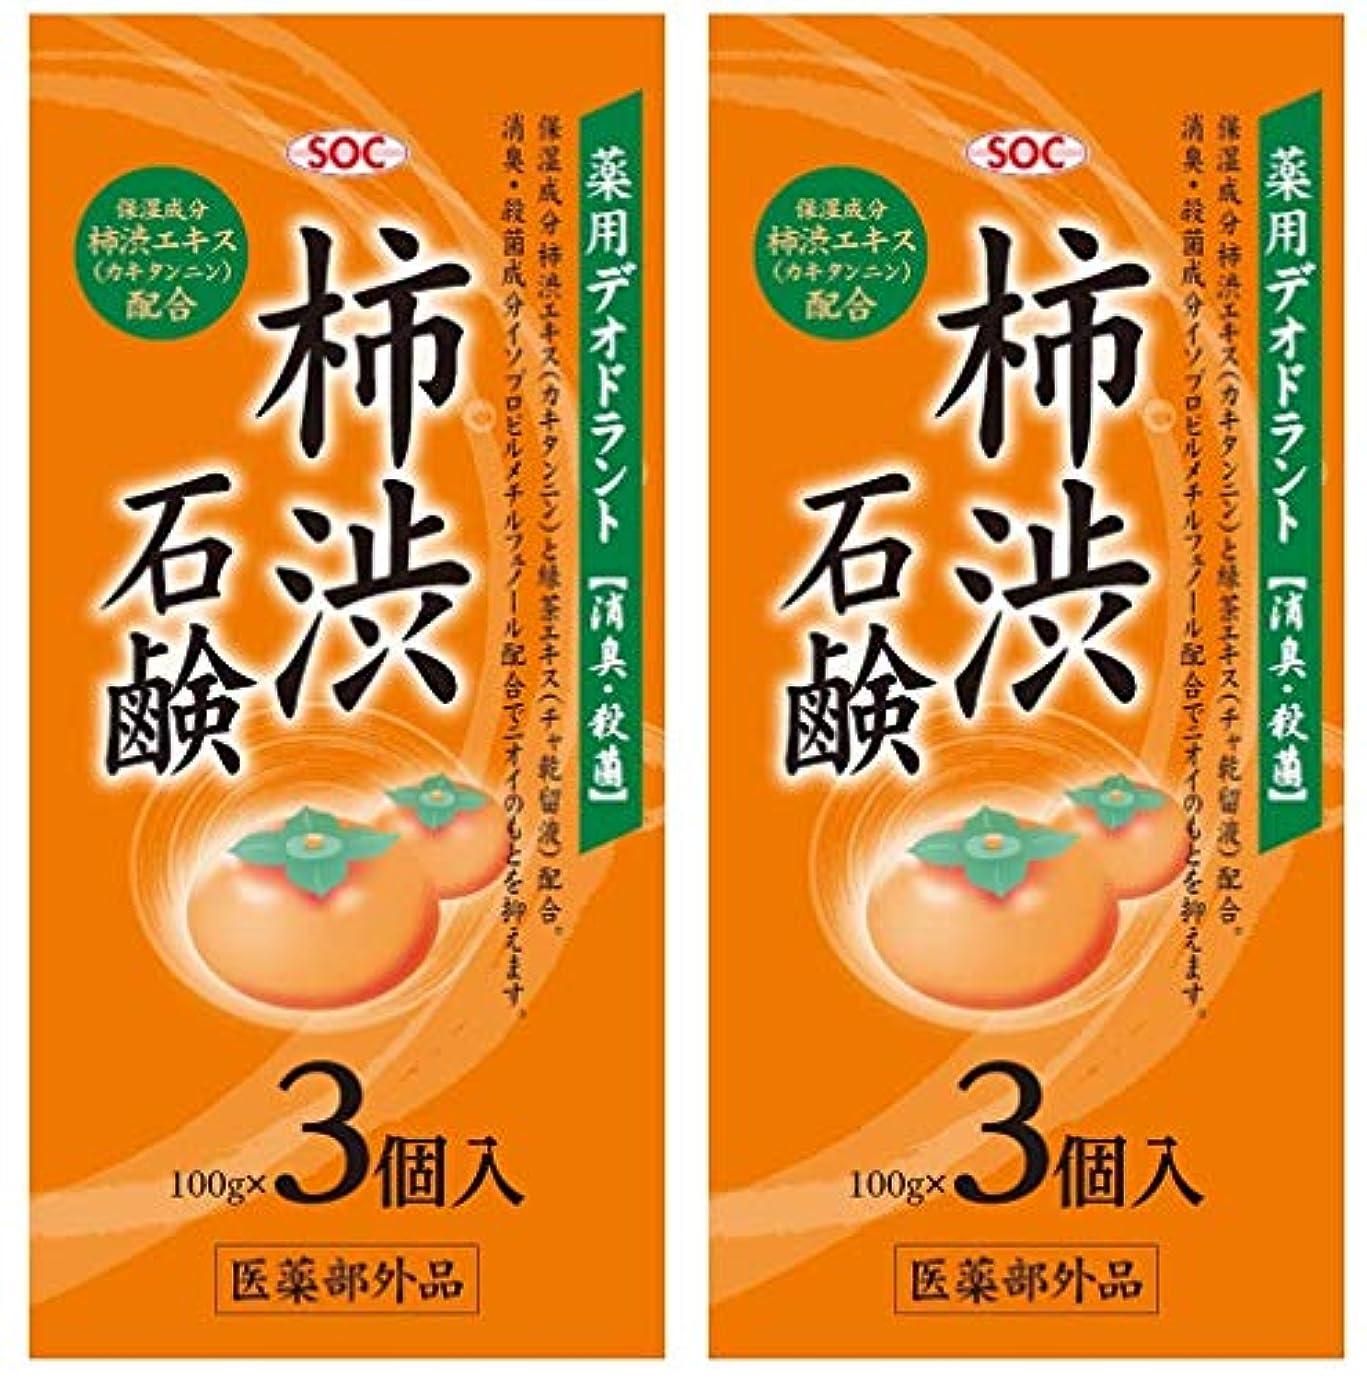 単調な一緒に時間SOC 薬用柿渋石鹸 3P (100g×3) 2セット